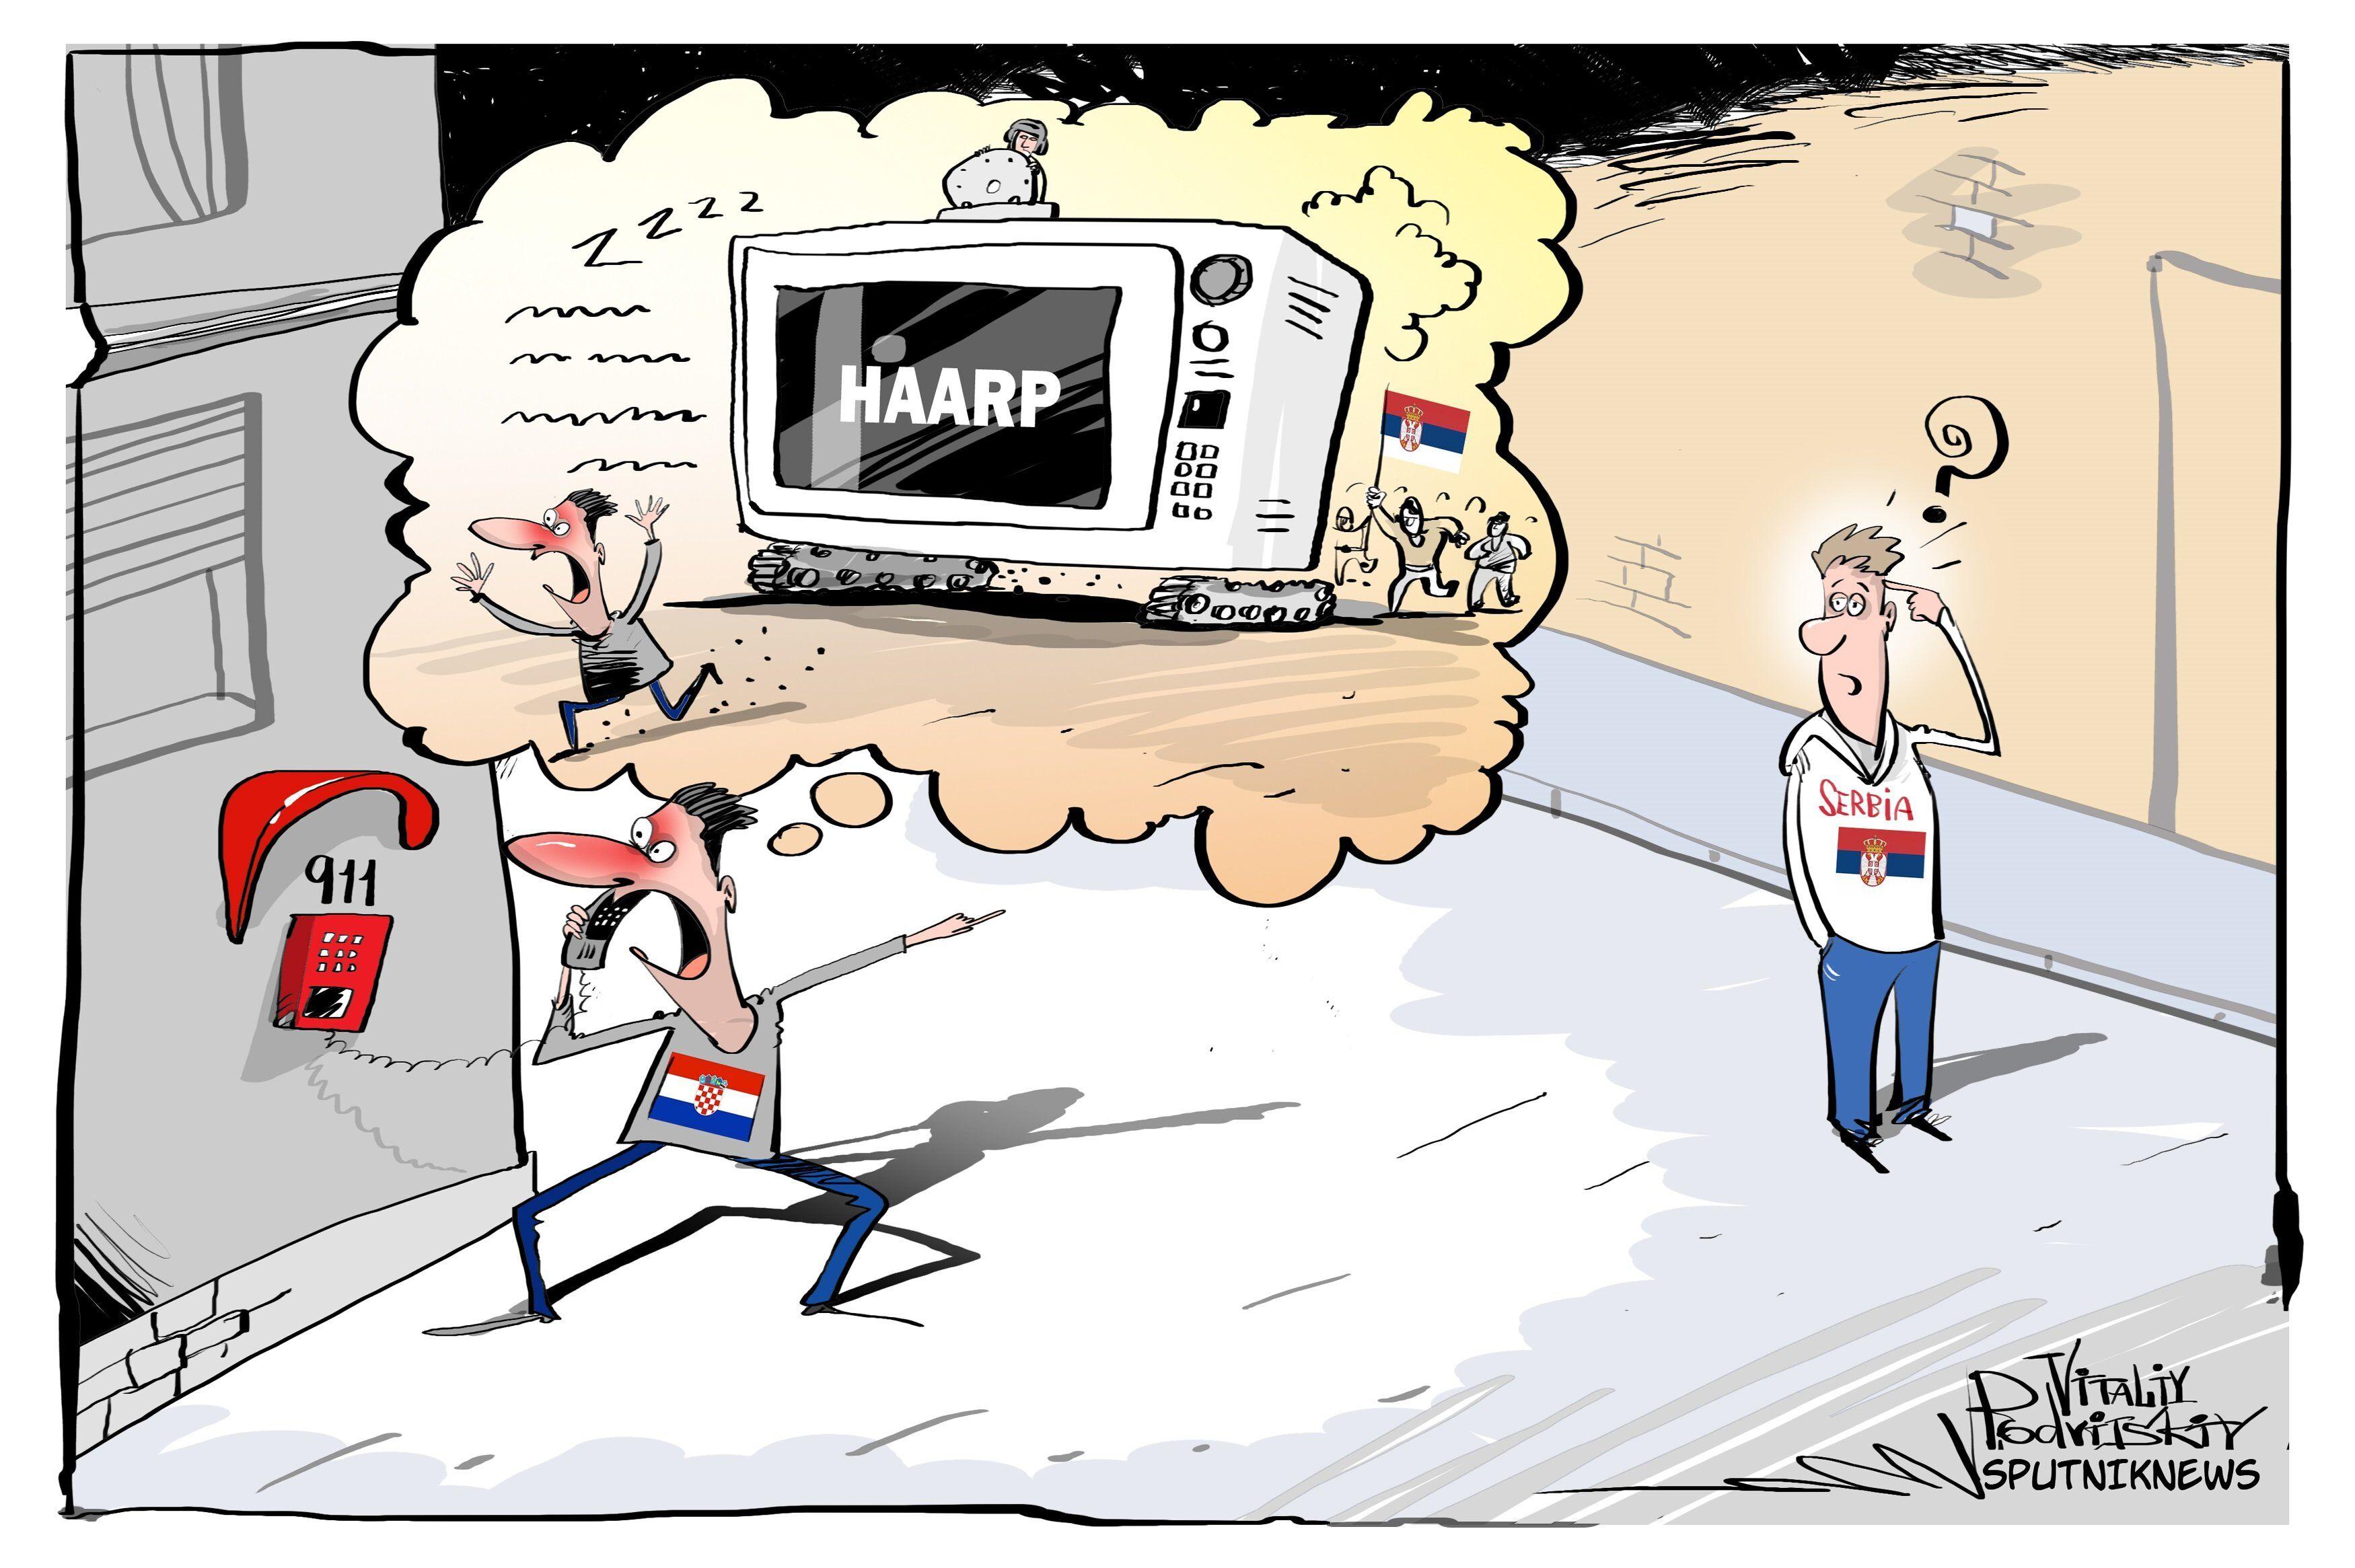 Ce HAARP serbe qui nous rend fou. Les scientifiques croates sonnent l'alarme